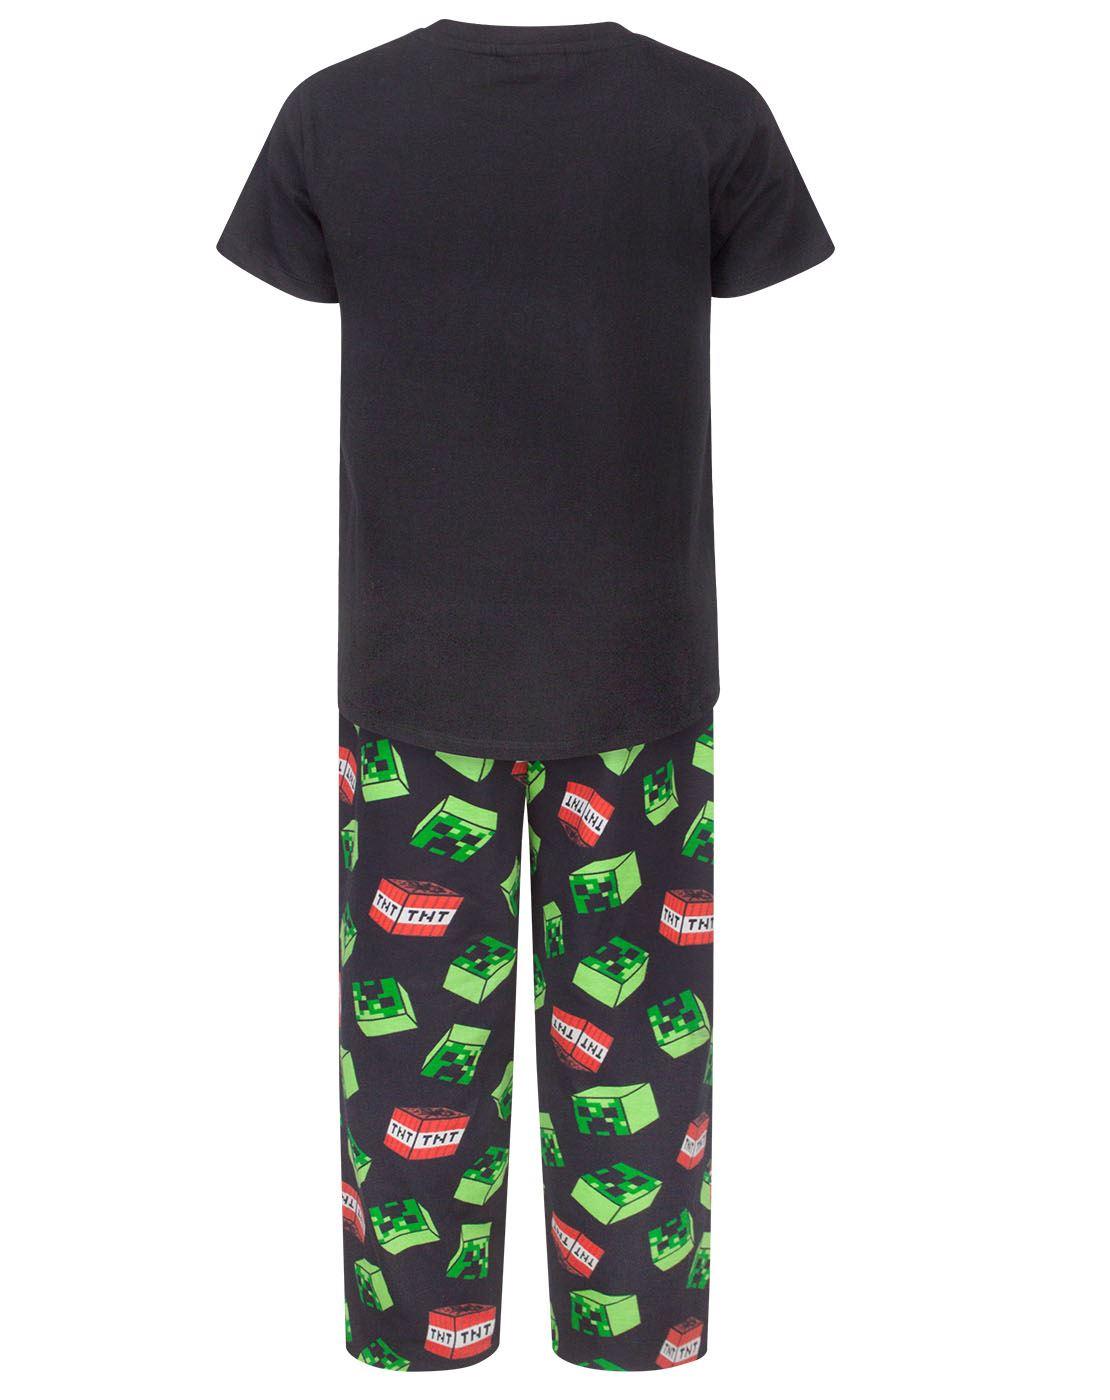 d75e065e8 Minecraft Creeper TNT Boy's Pyjamas UK Sizes 6 to 14 Years 3 3 of 9 ...